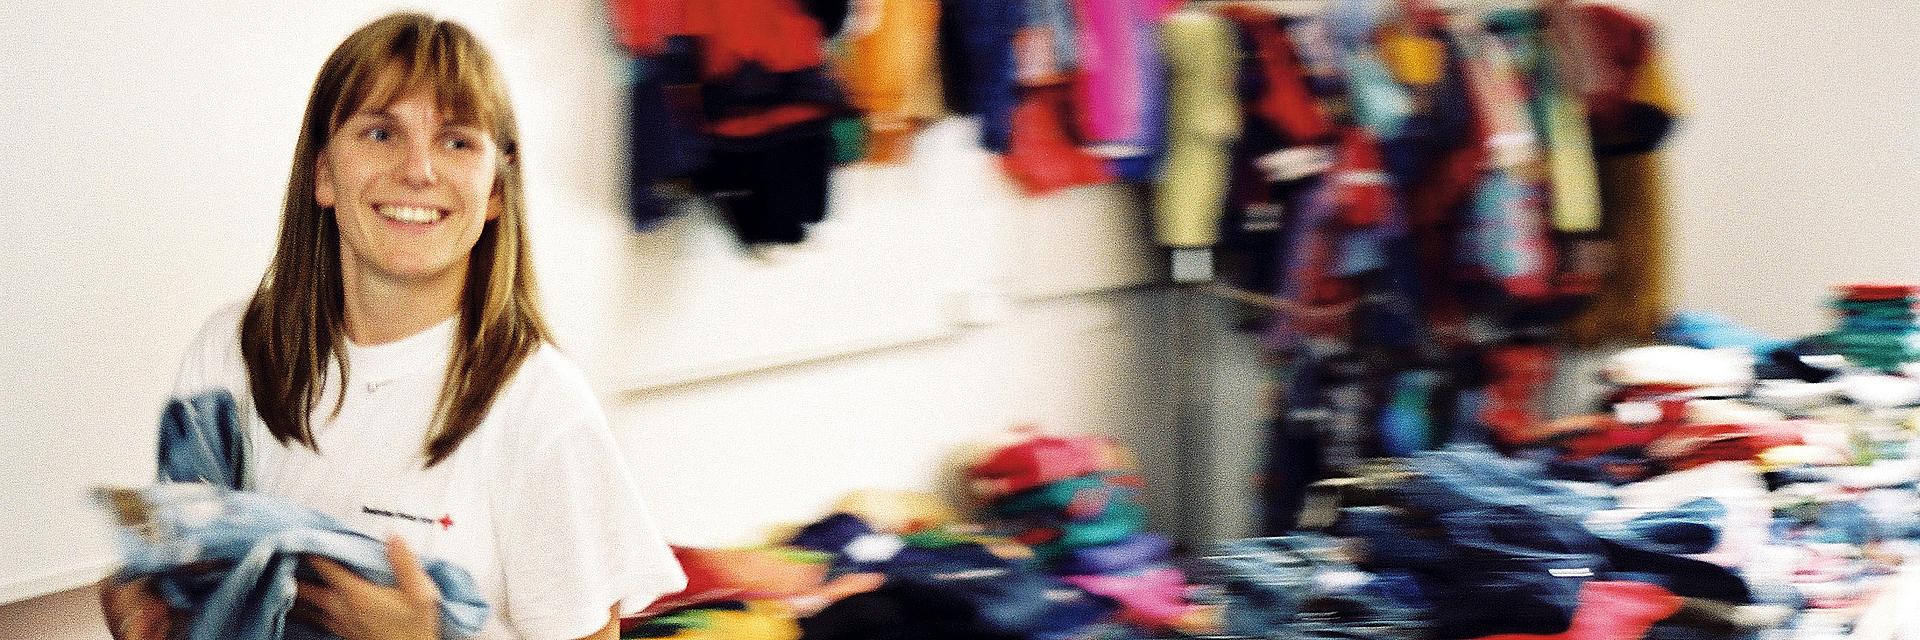 Kleiderkammer in berlin spandau